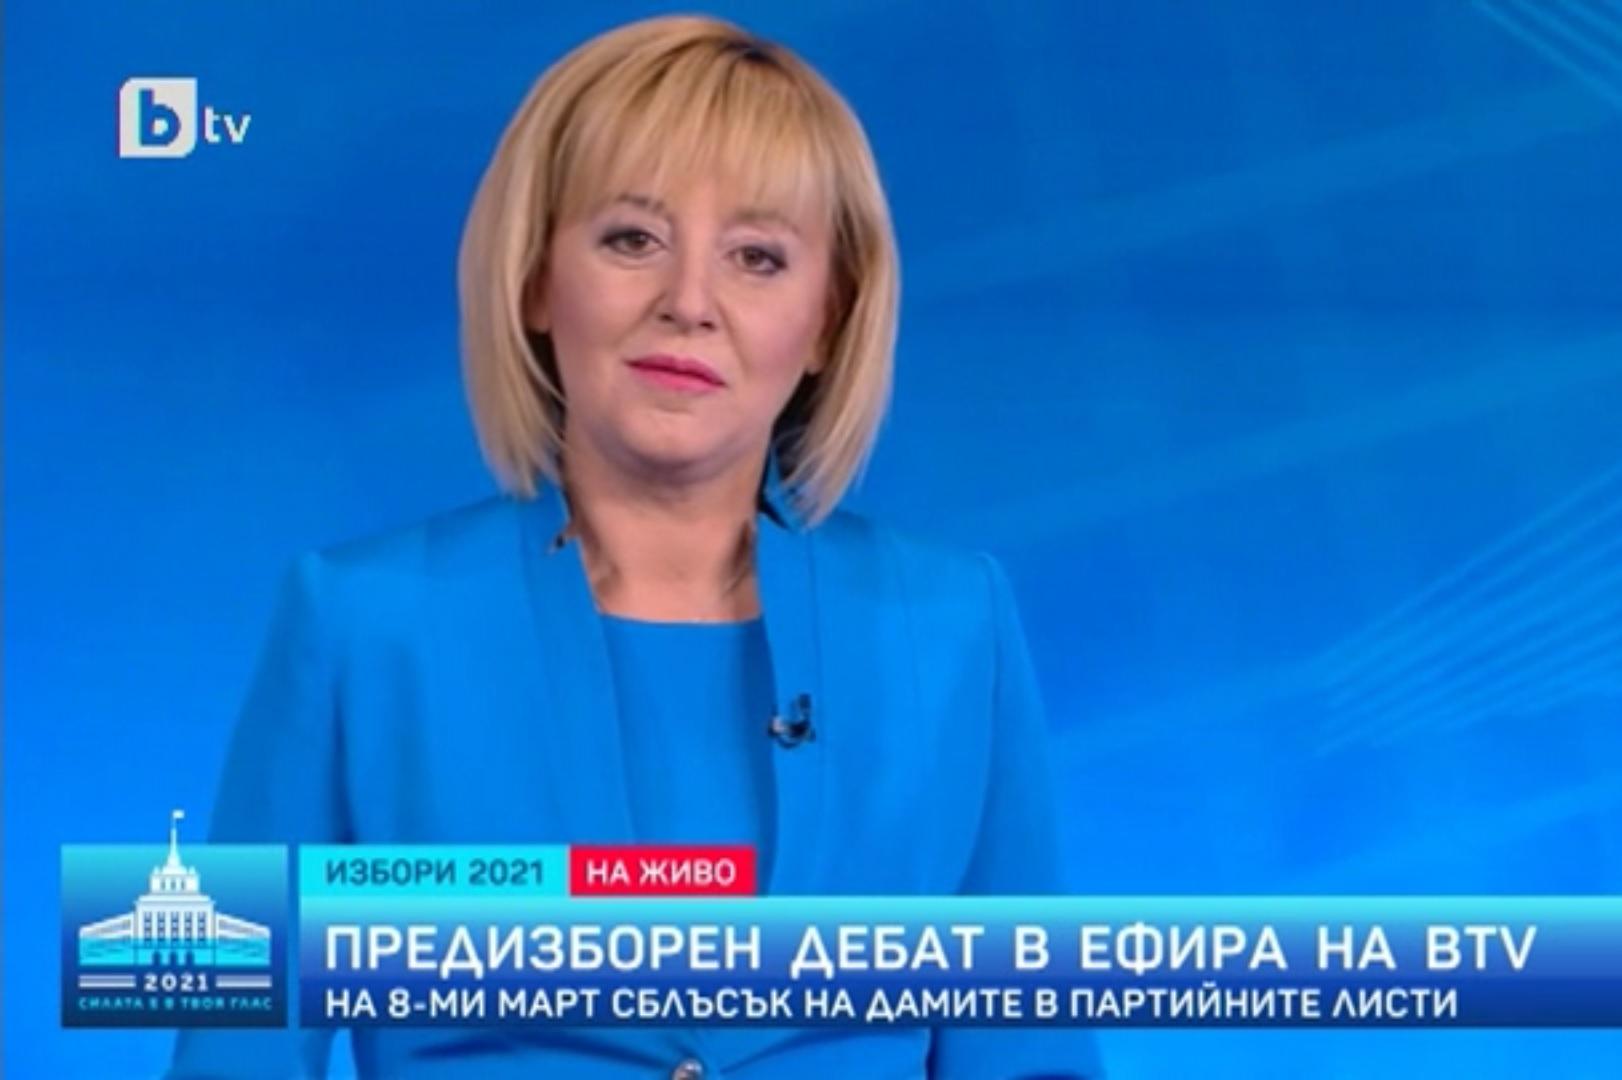 Манолова: Ще свалим депутатите и министрите от служебните им коли